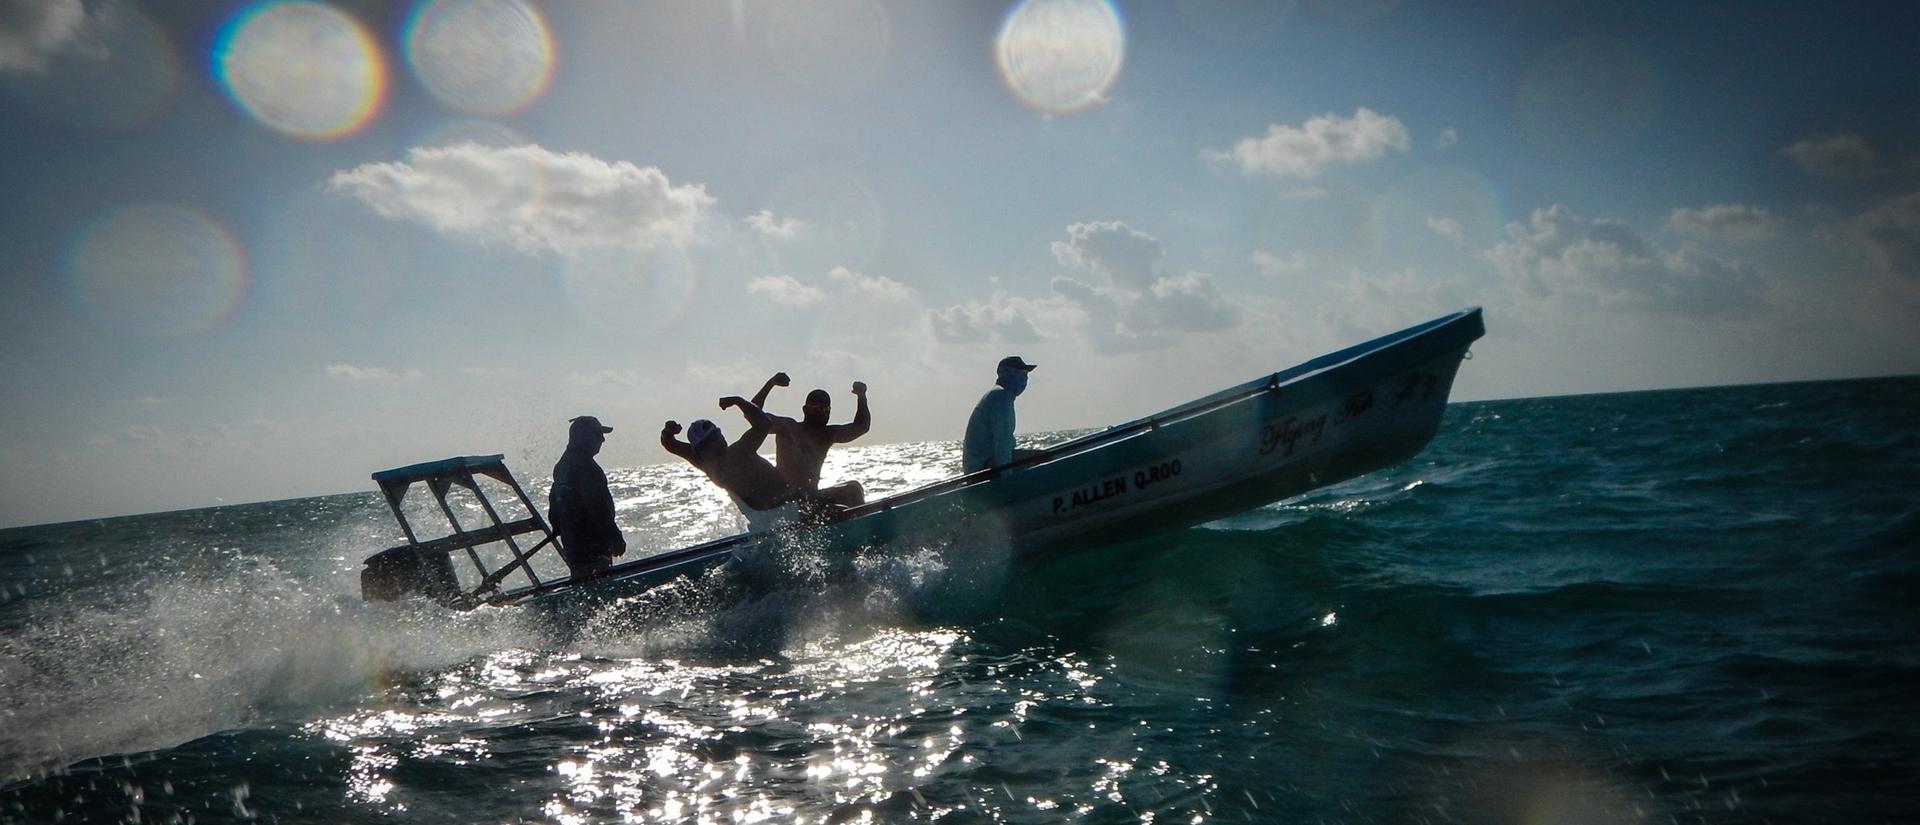 Palometa boat.jpg